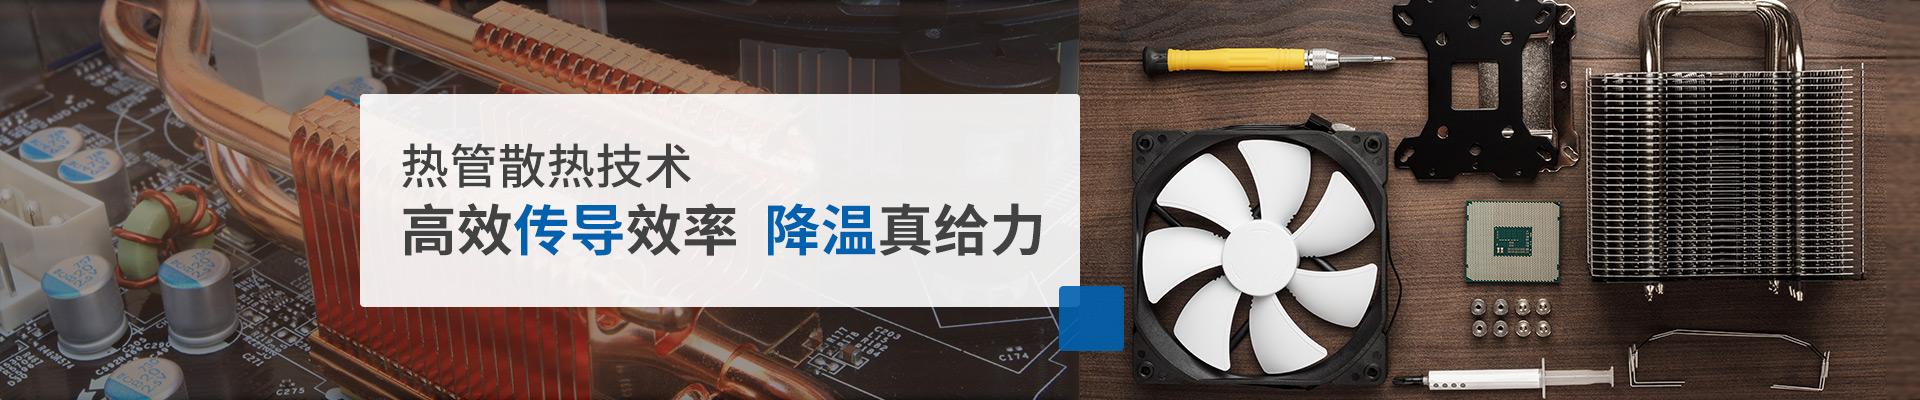 宝迪凯热管散热器:热管散热技术 高效传导效率 降温真给力